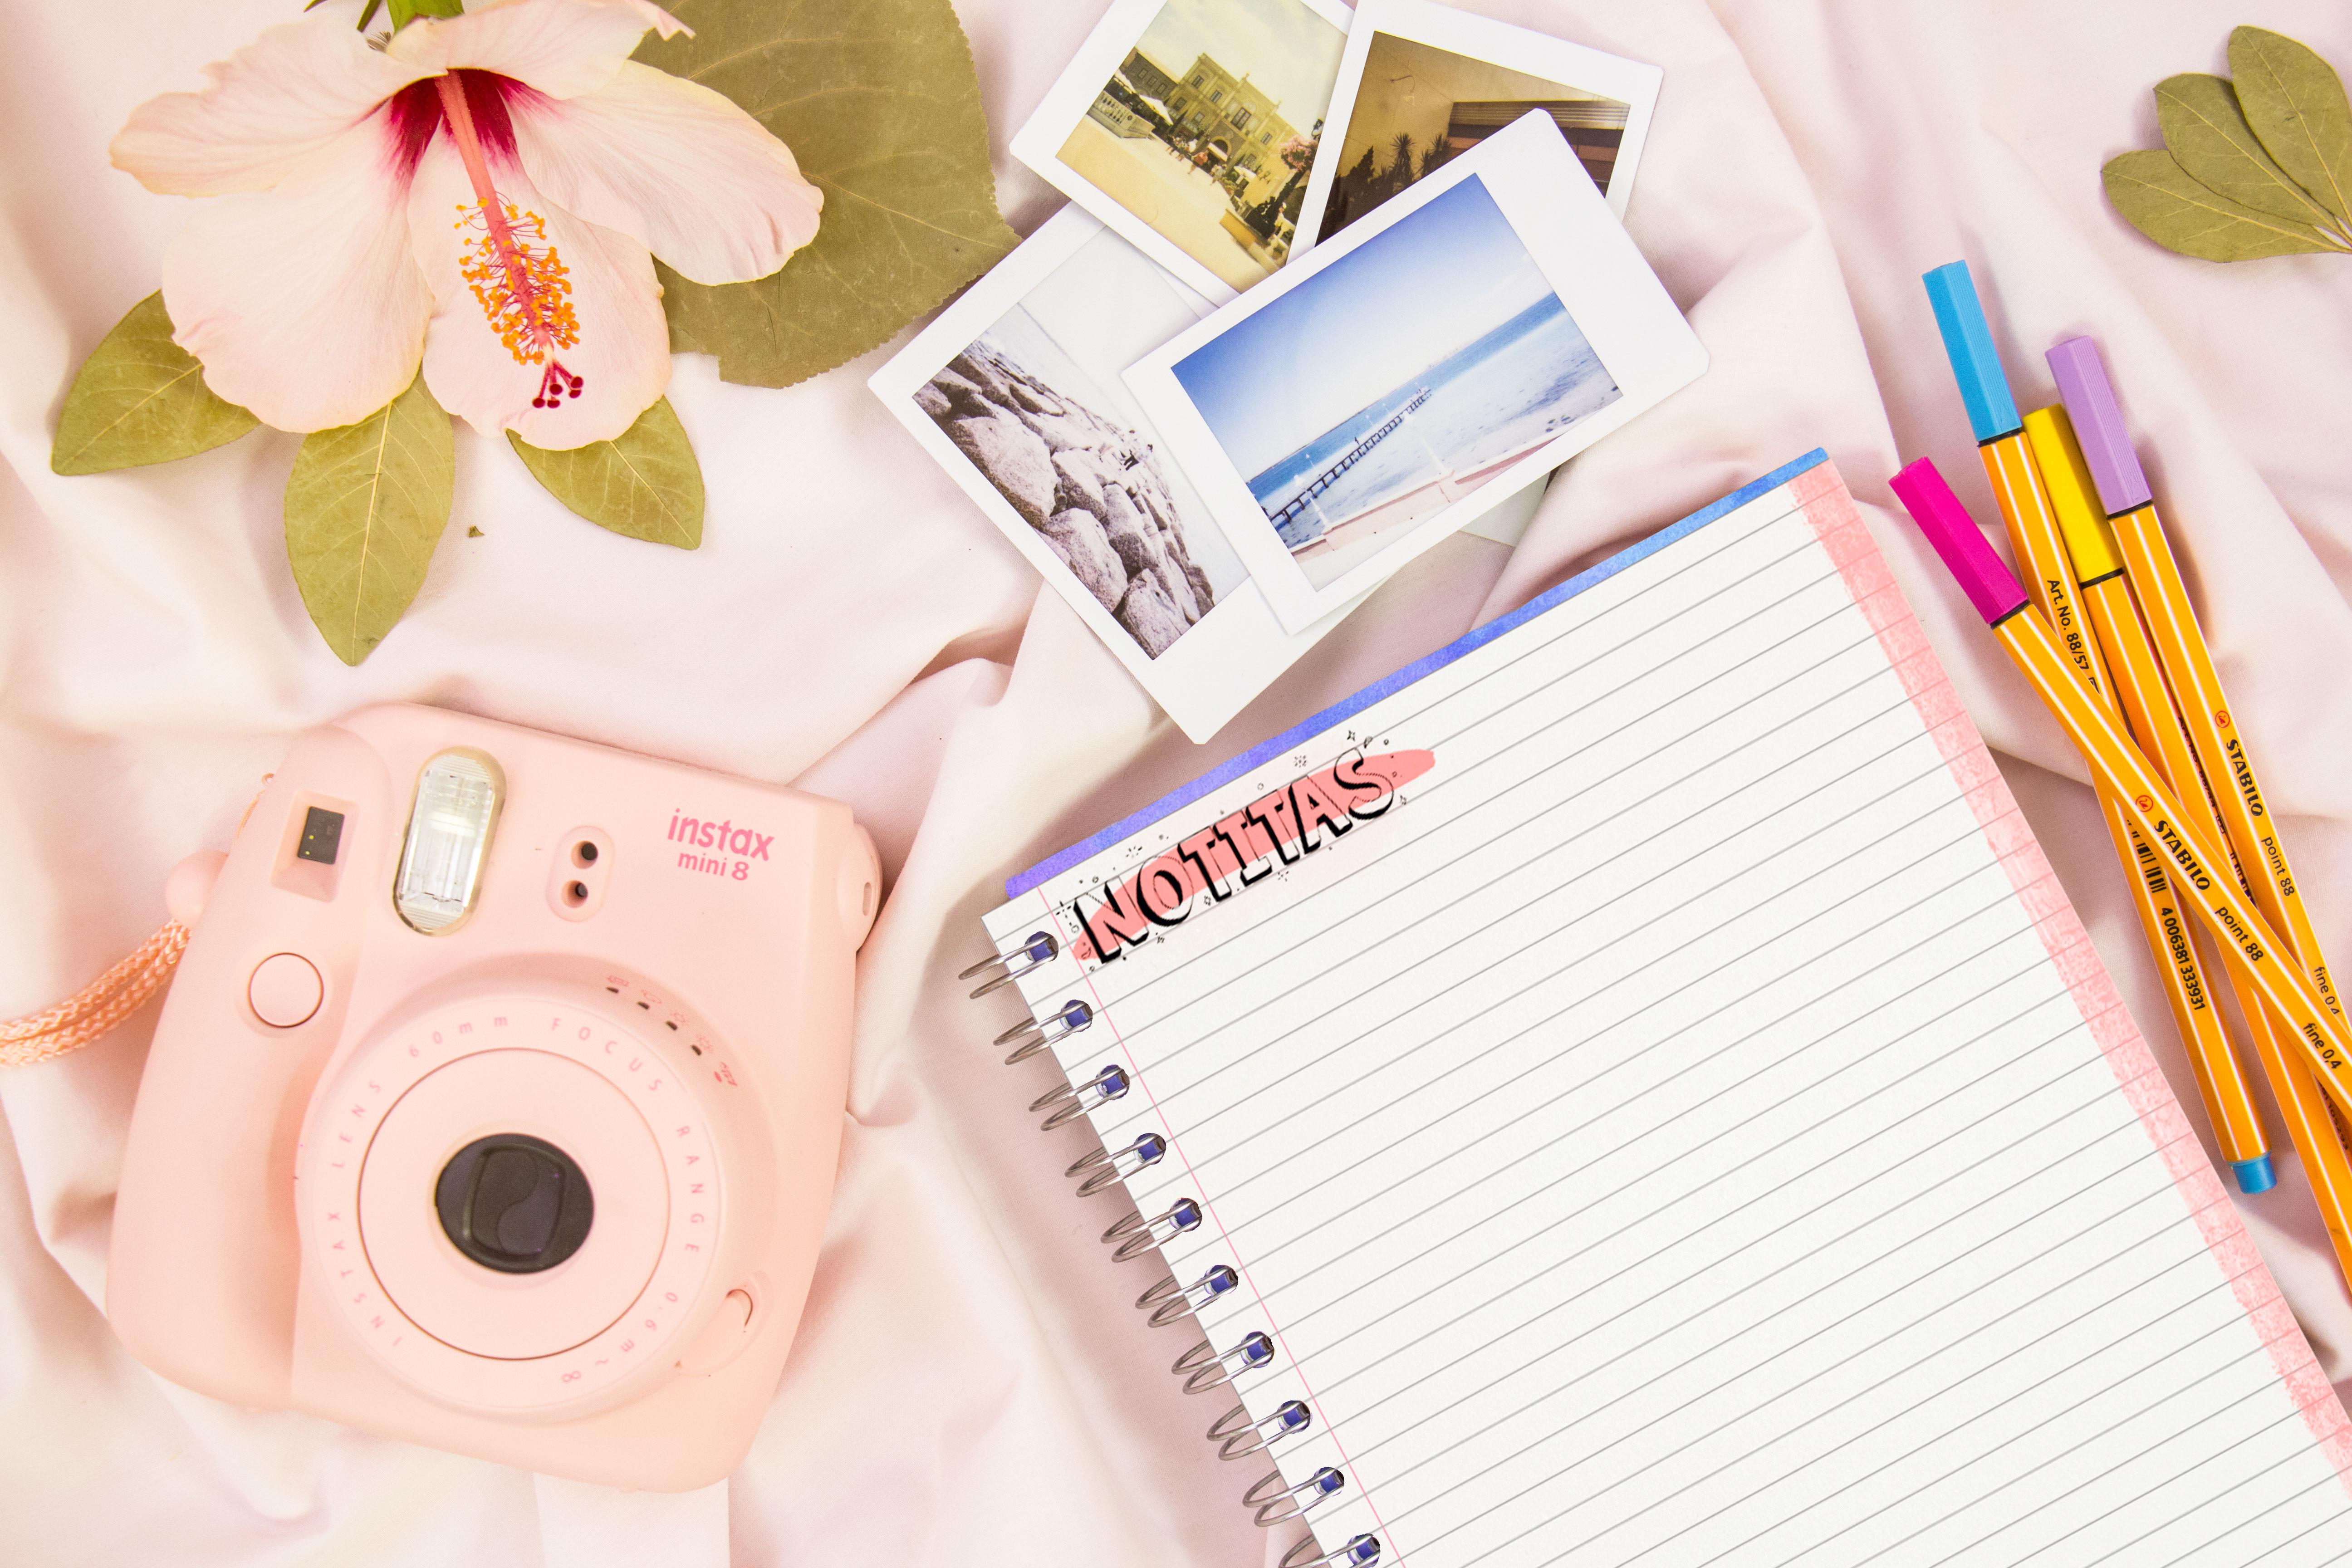 Anota lo que quieras en tu Crafty Planner